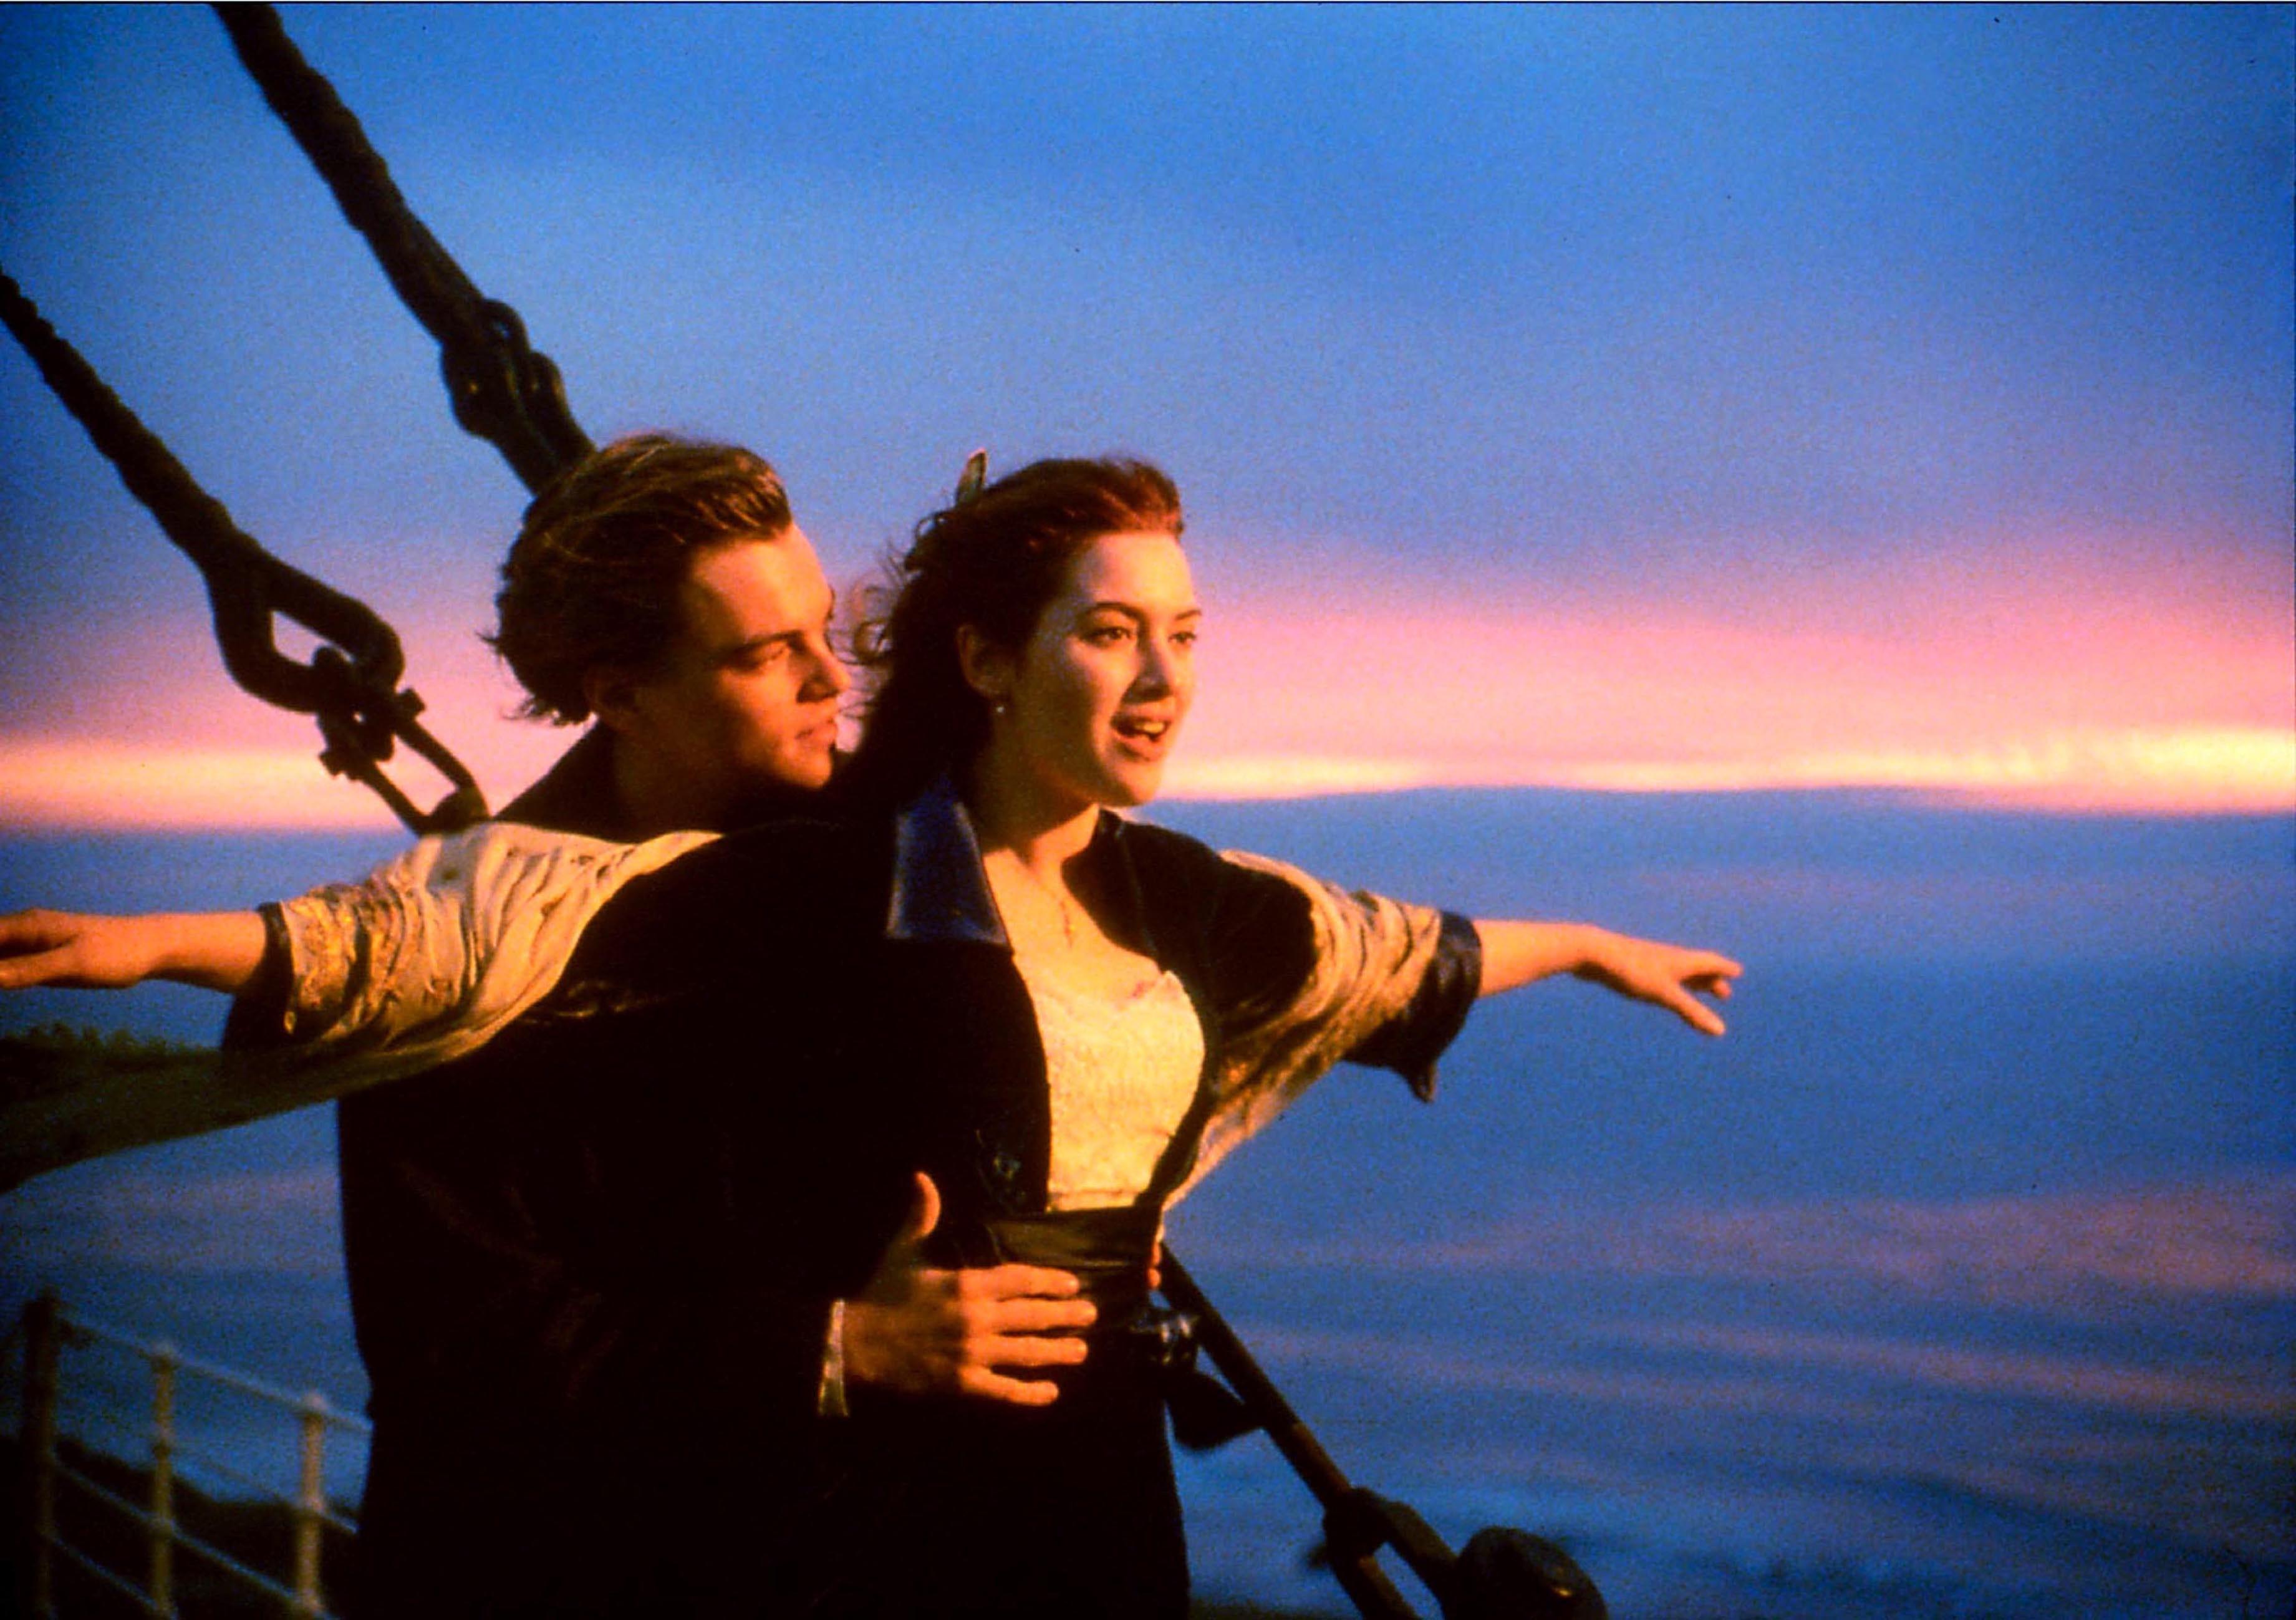 Liebesfilme zum besten weinen die Romantische filme